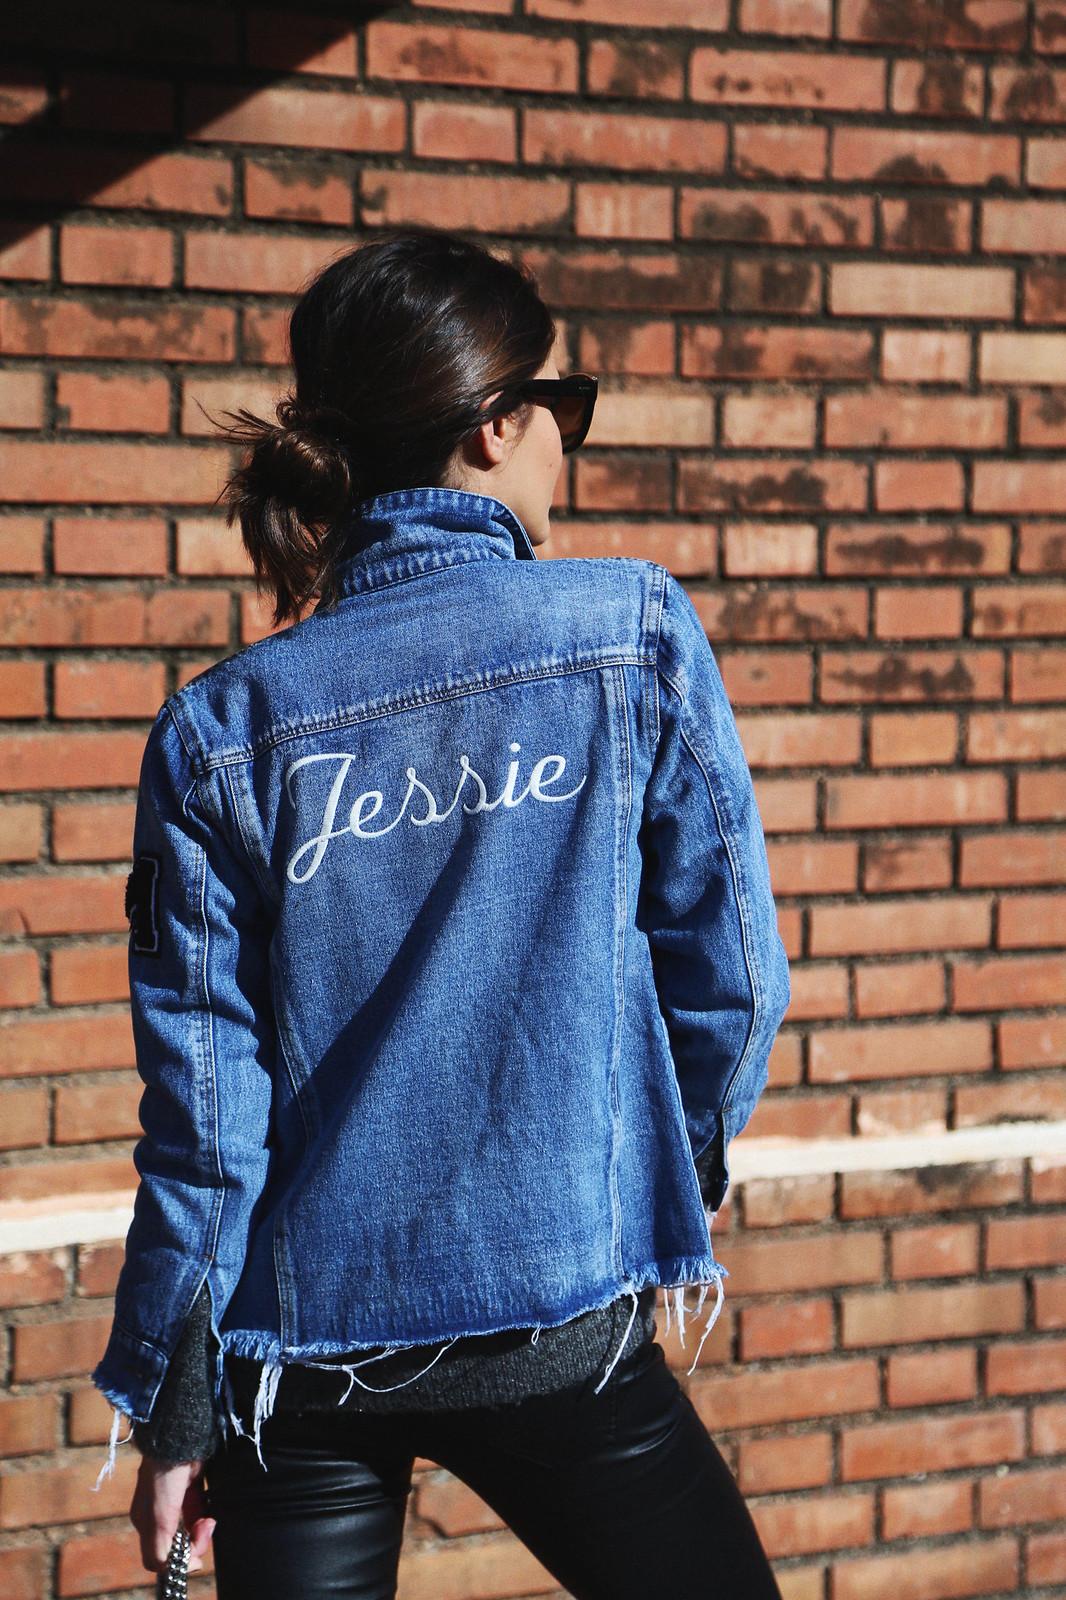 jessie chanes - 12